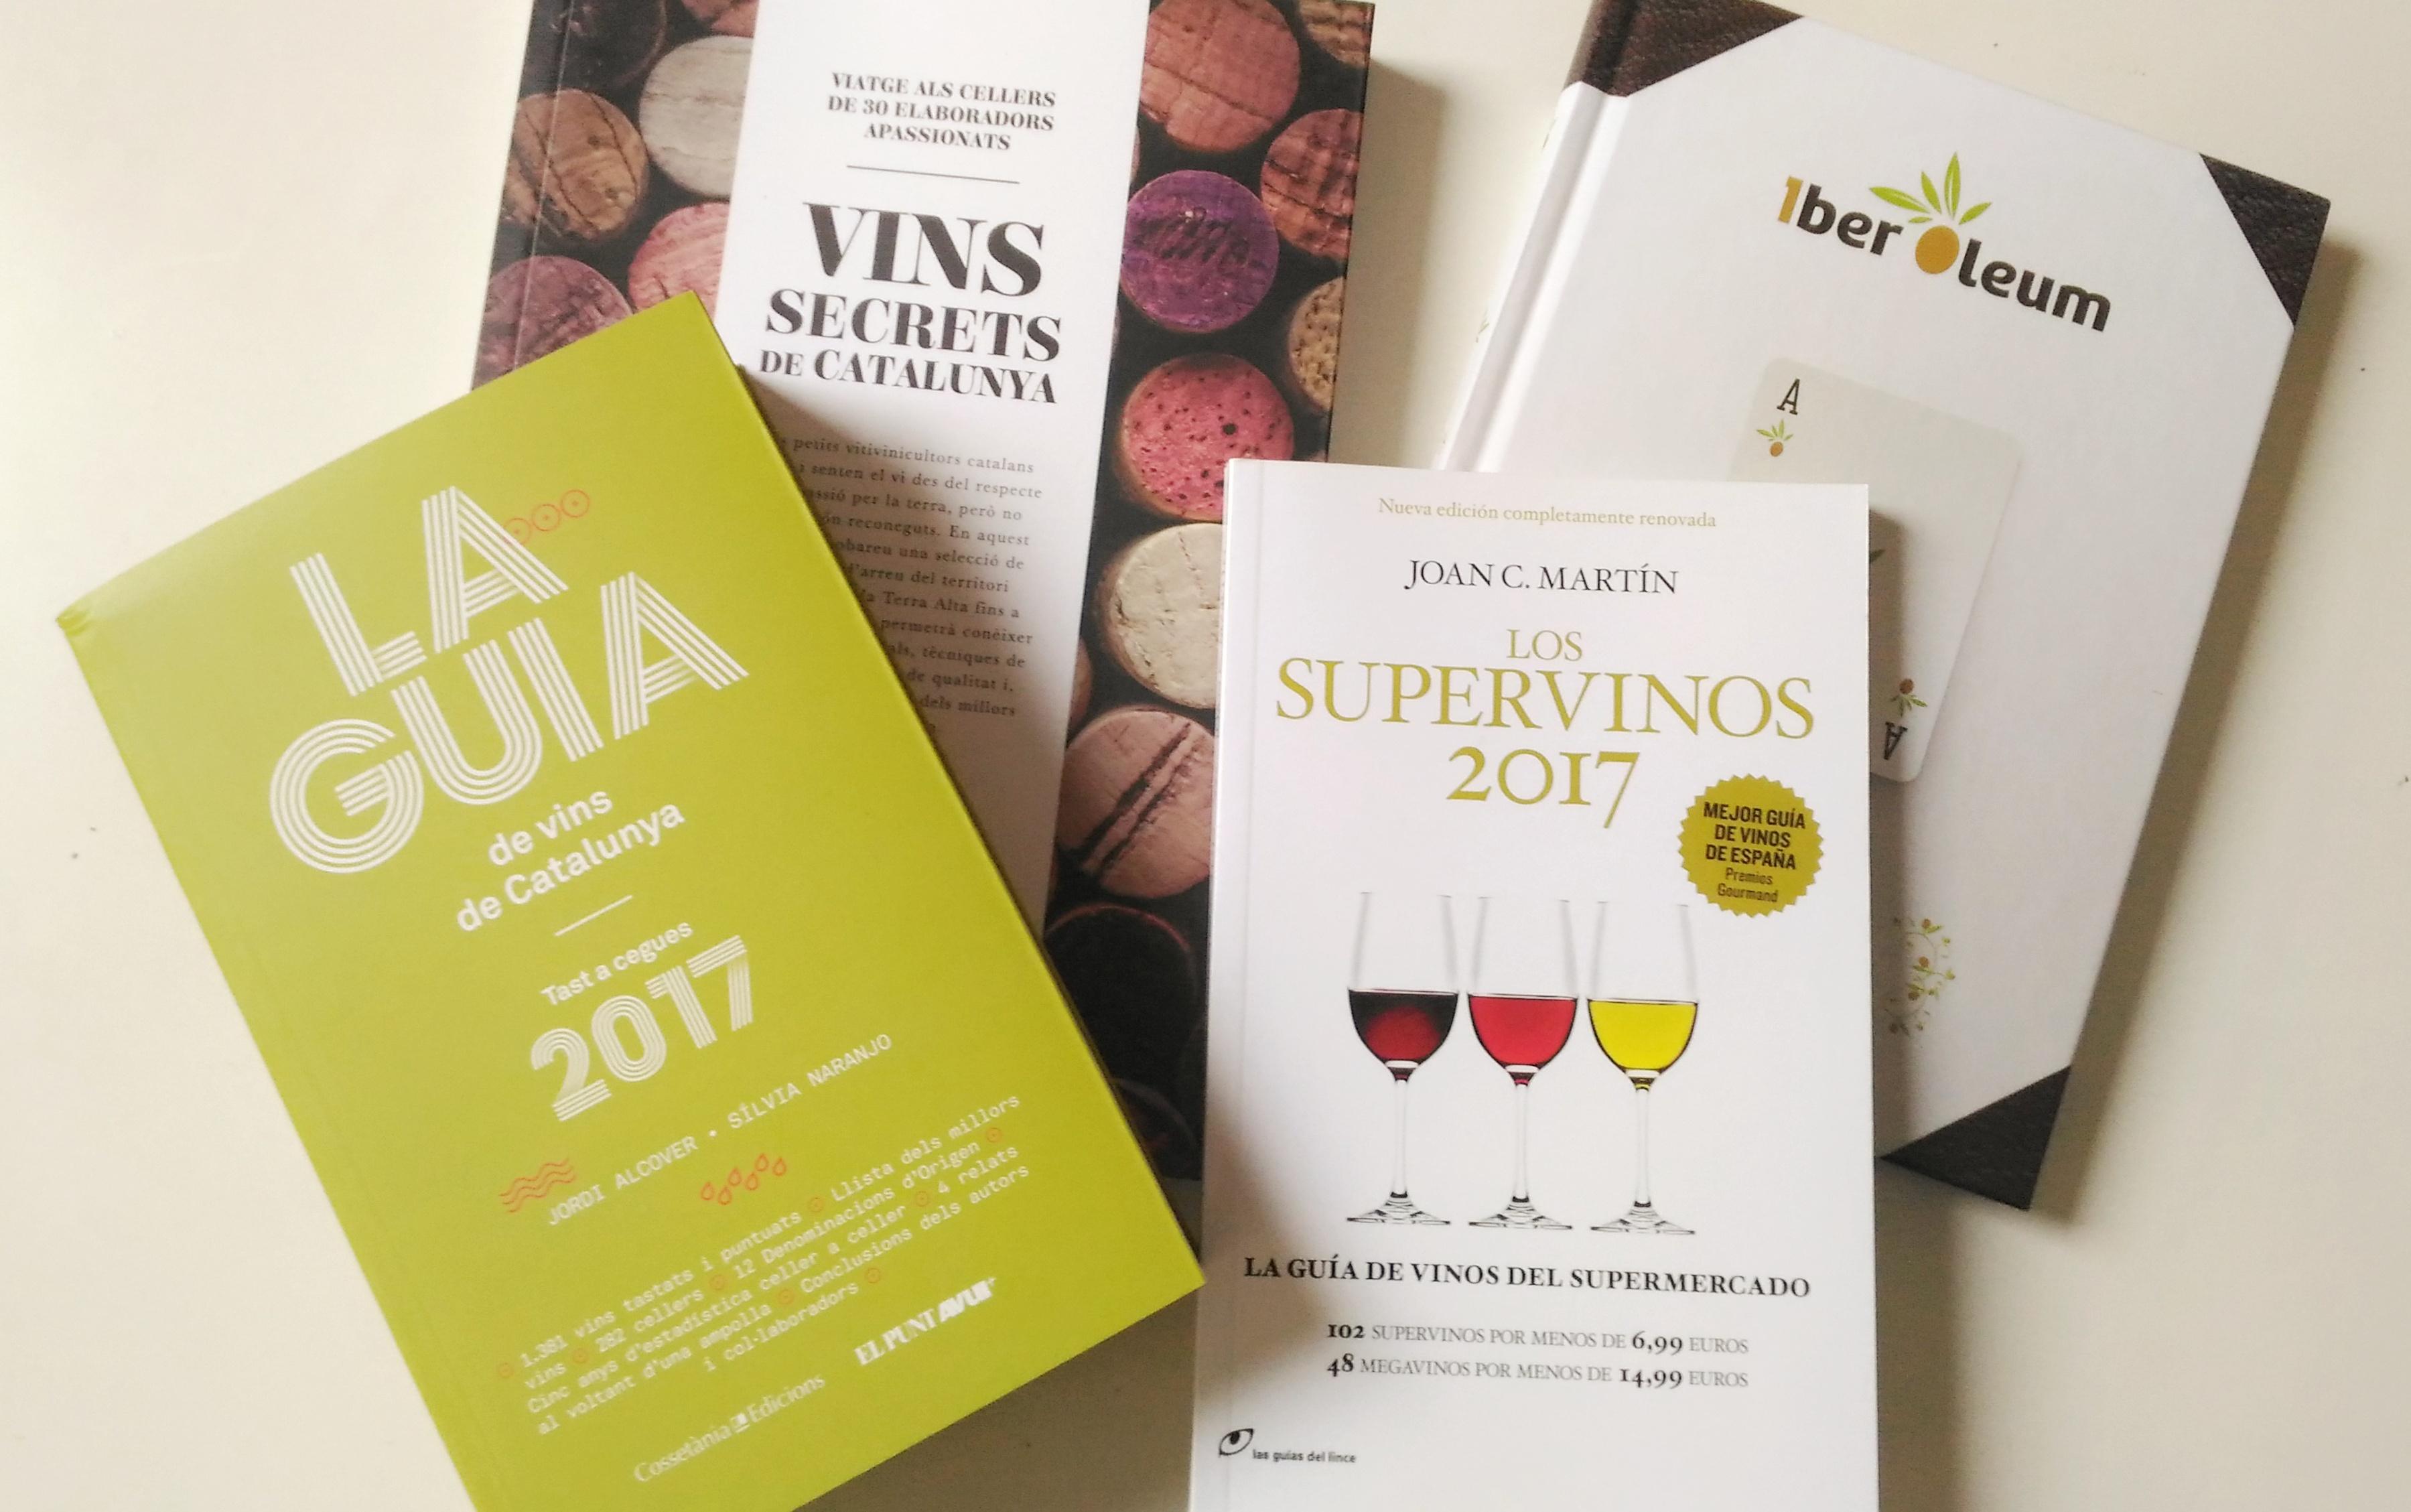 Las mejores guias de vinos y gastronomía de 2017